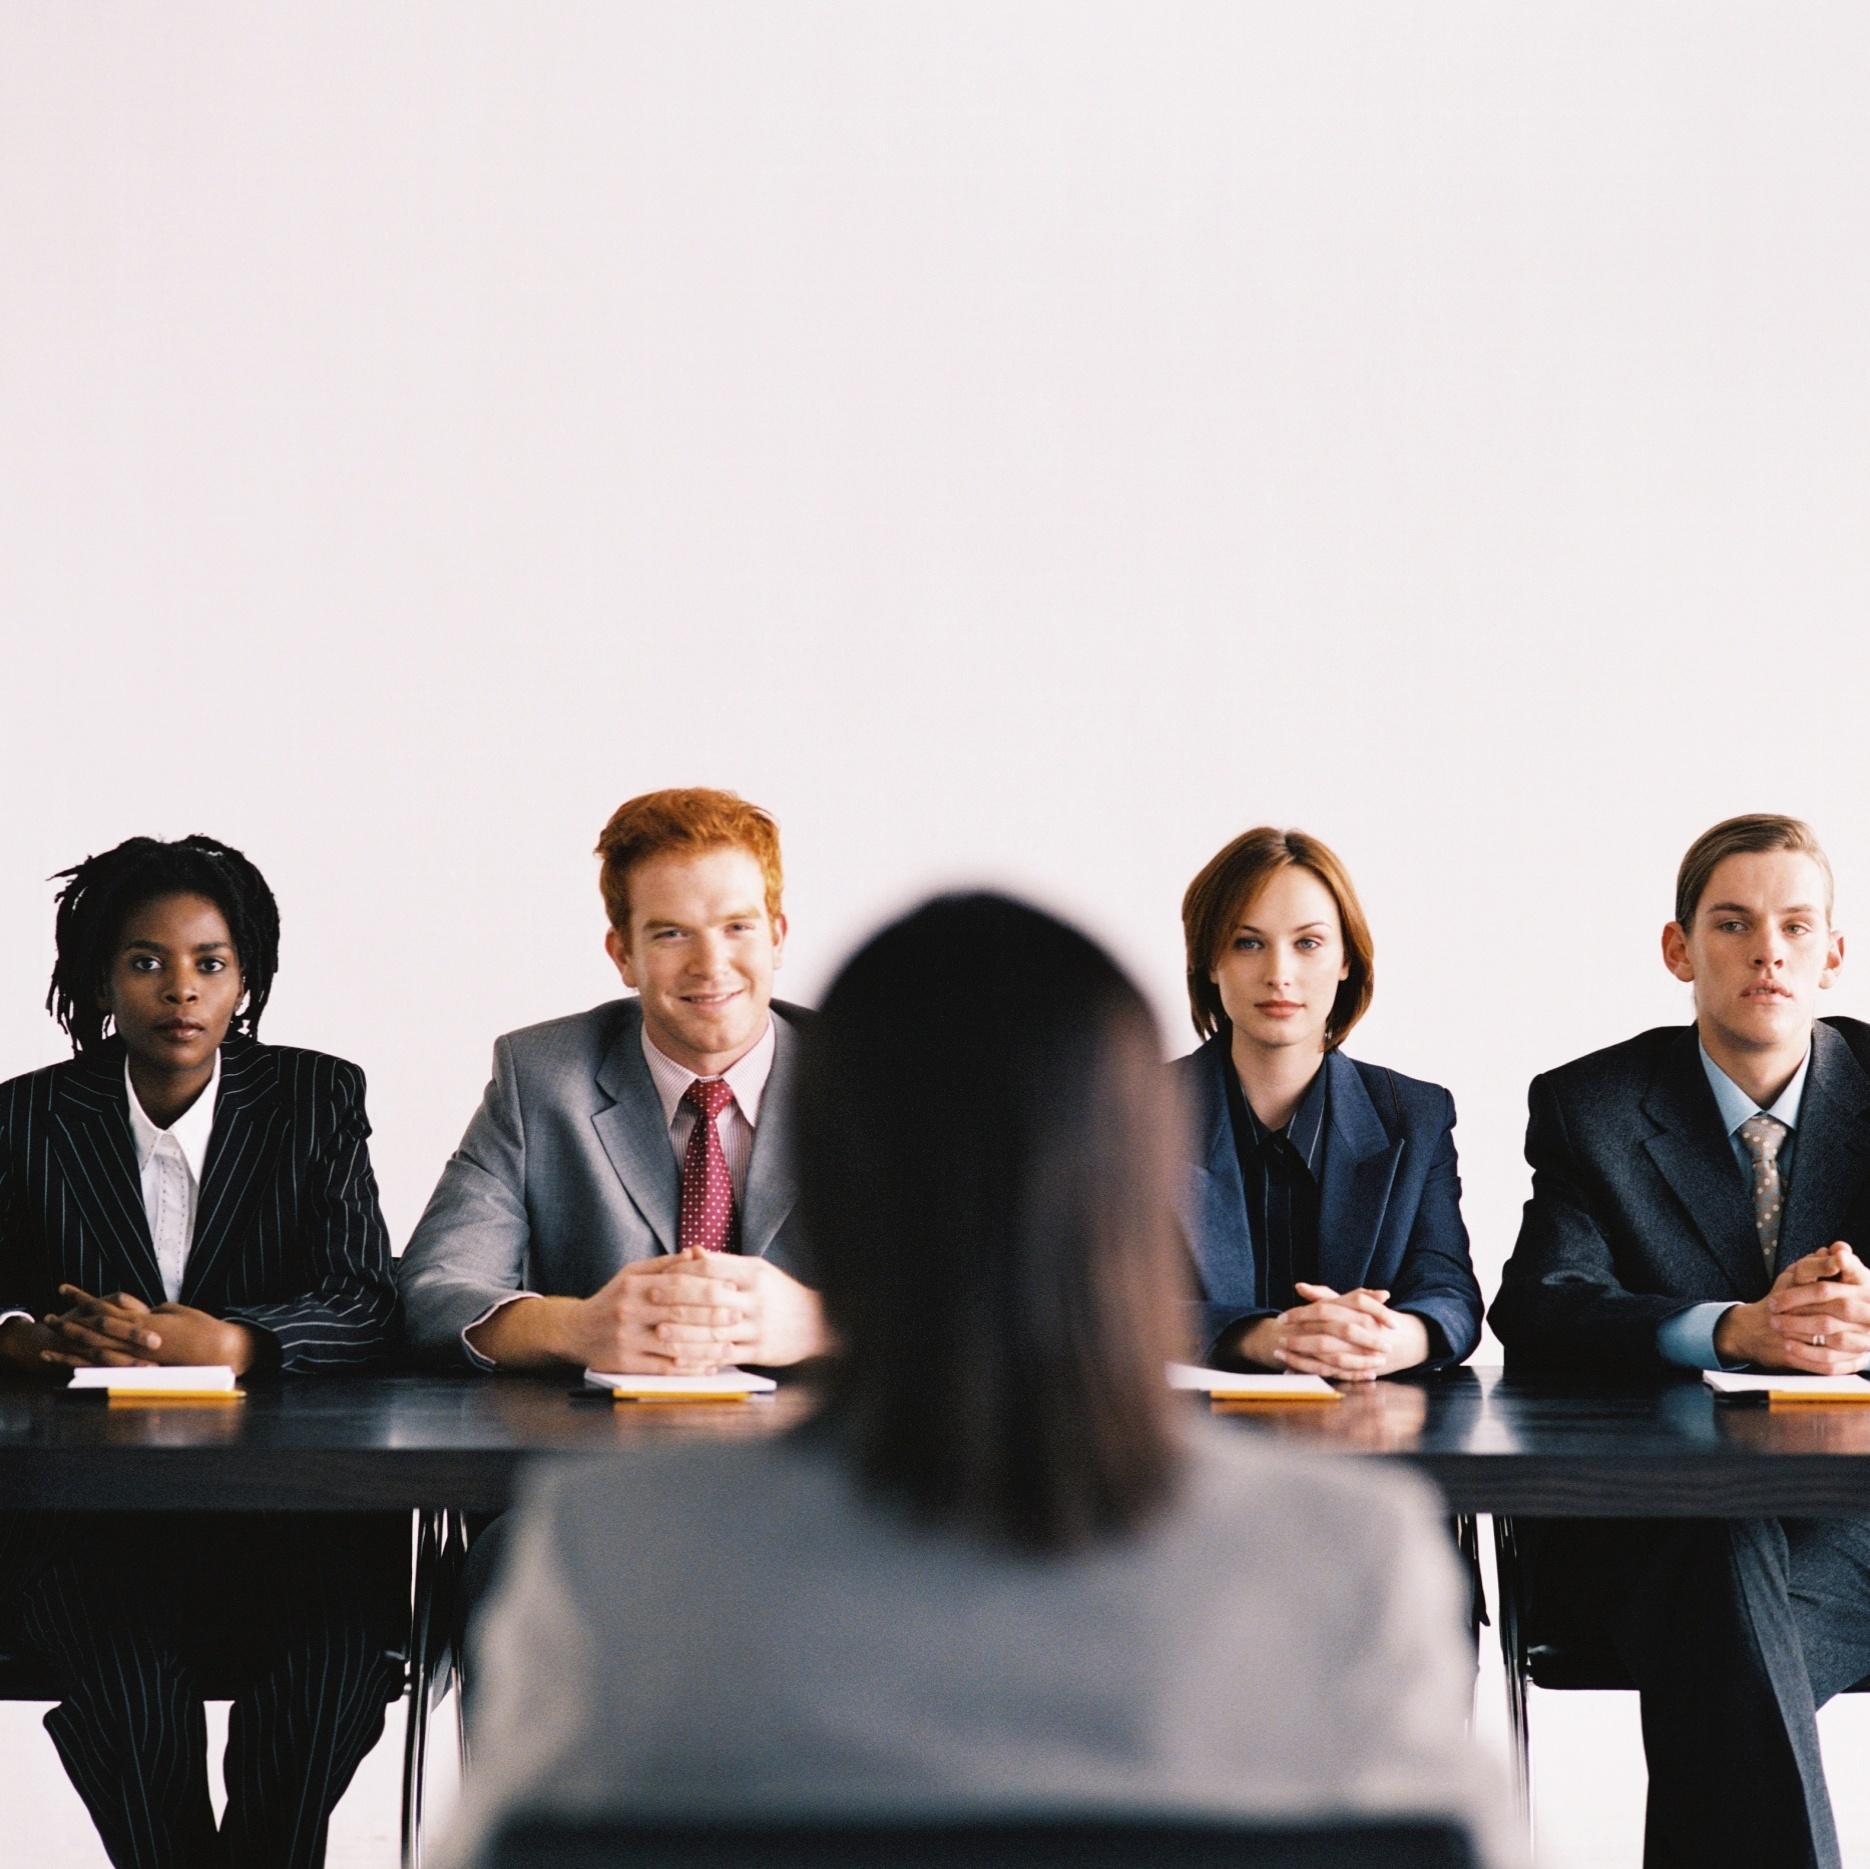 Confira dez mandamentos para se dar bem na entrevista de emprego -  01 08 2013 - UOL Economia ca4d9574e5299